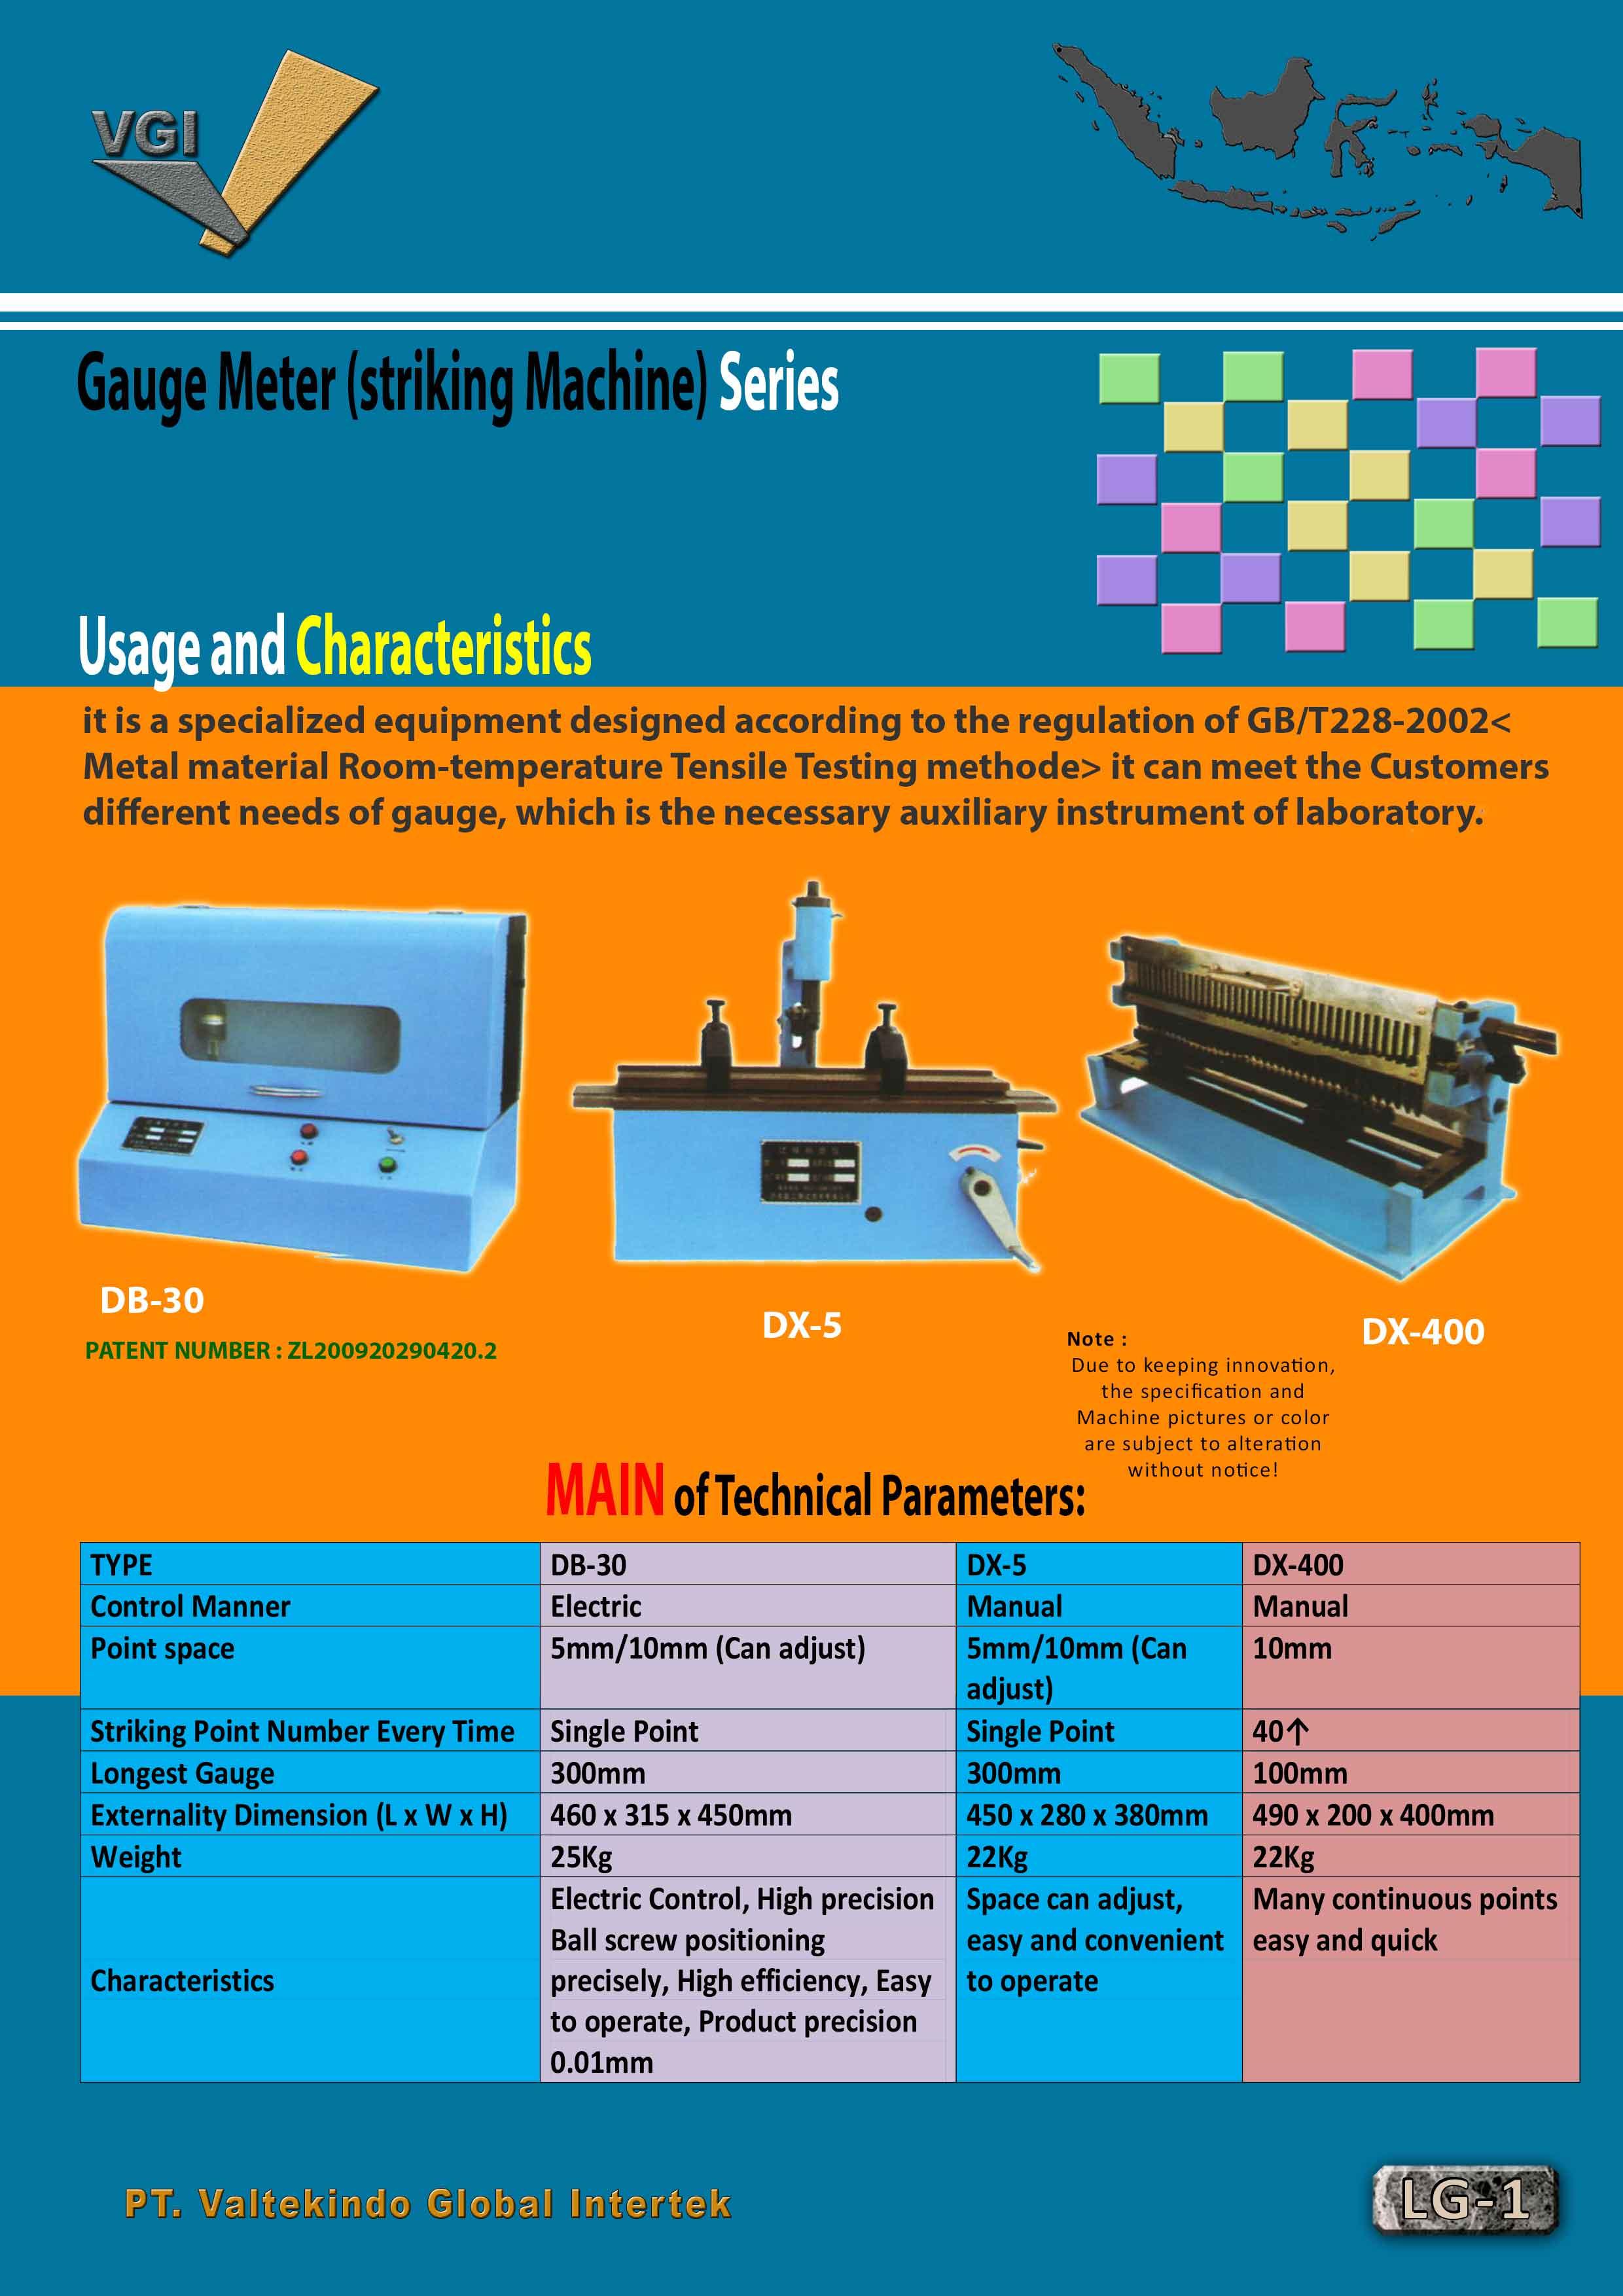 jual mesin Gauge Meter (Striking Machine) Gauge Meter (Striking Machine)